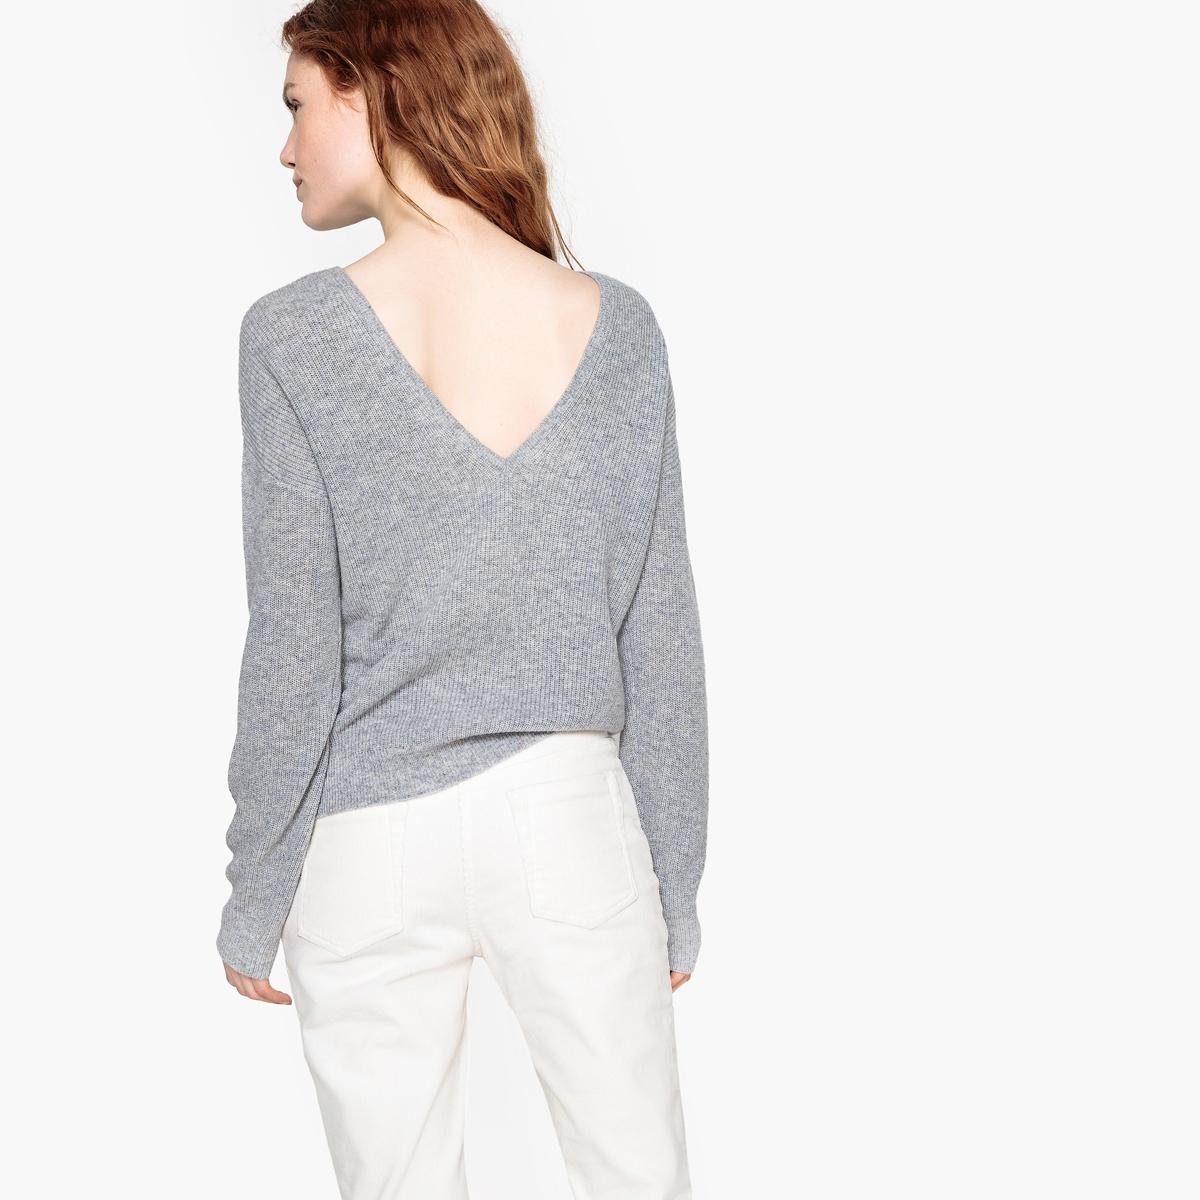 Пуловер La Redoute С V-образным вырезом сзади или спереди из кашемира XL серый